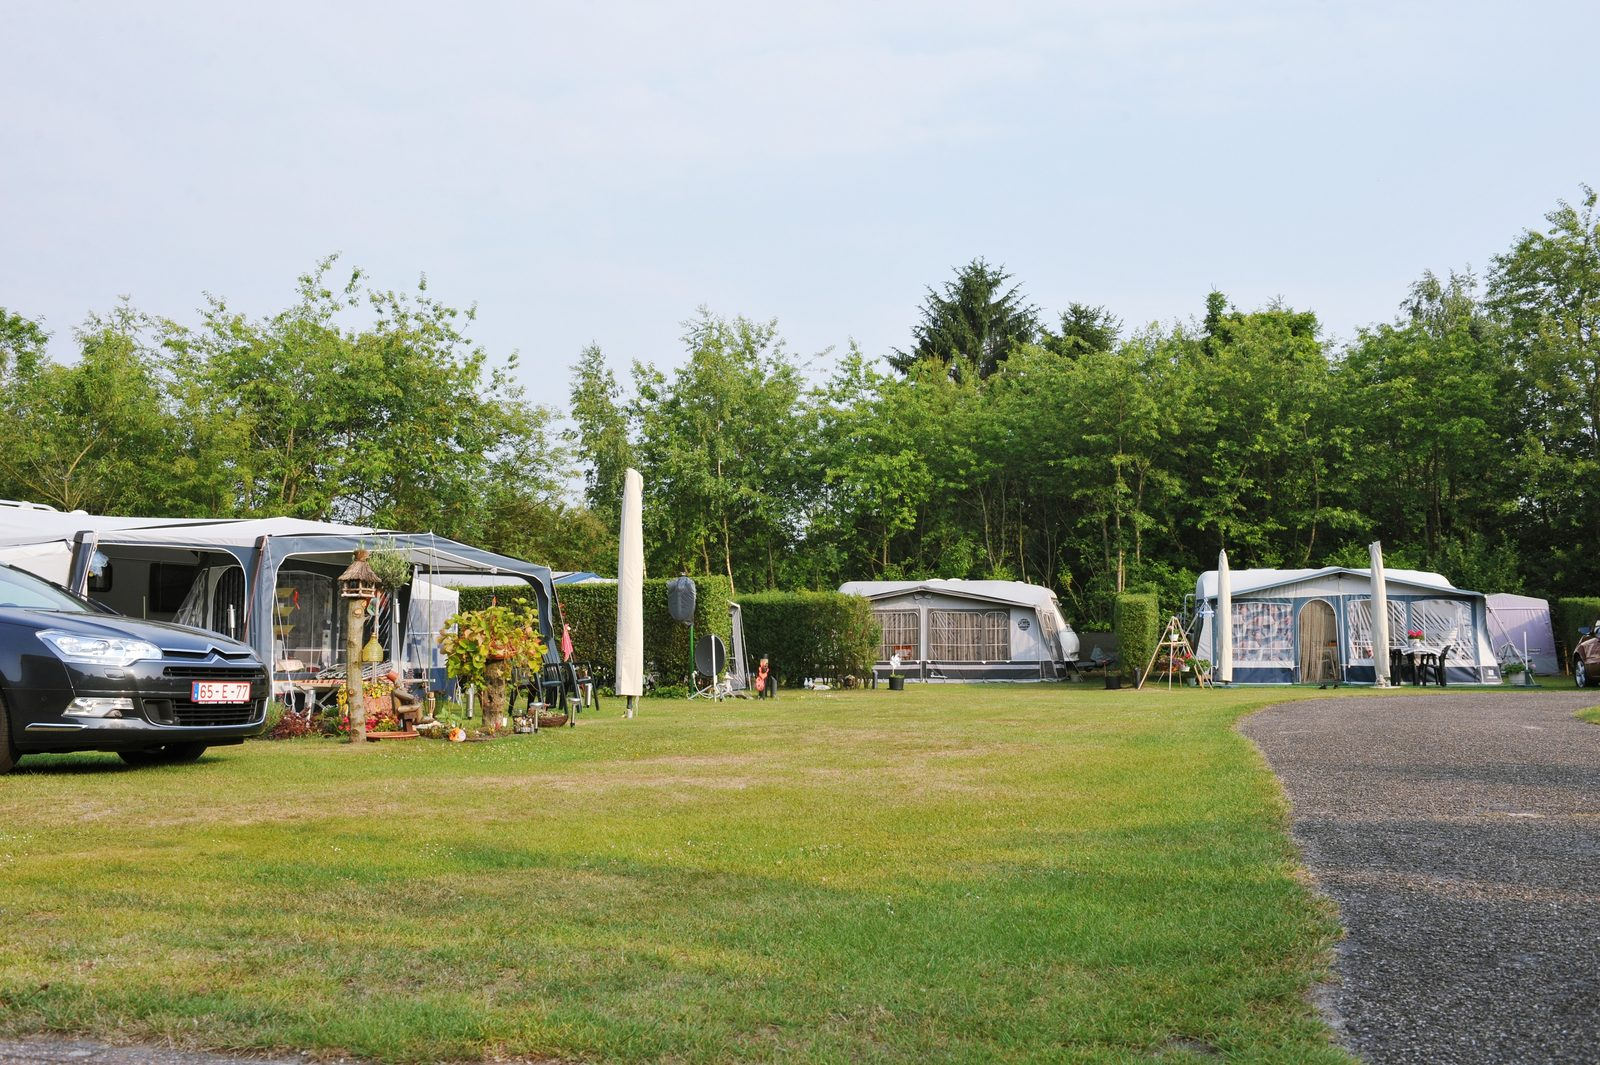 Campsite Parc de Kievit